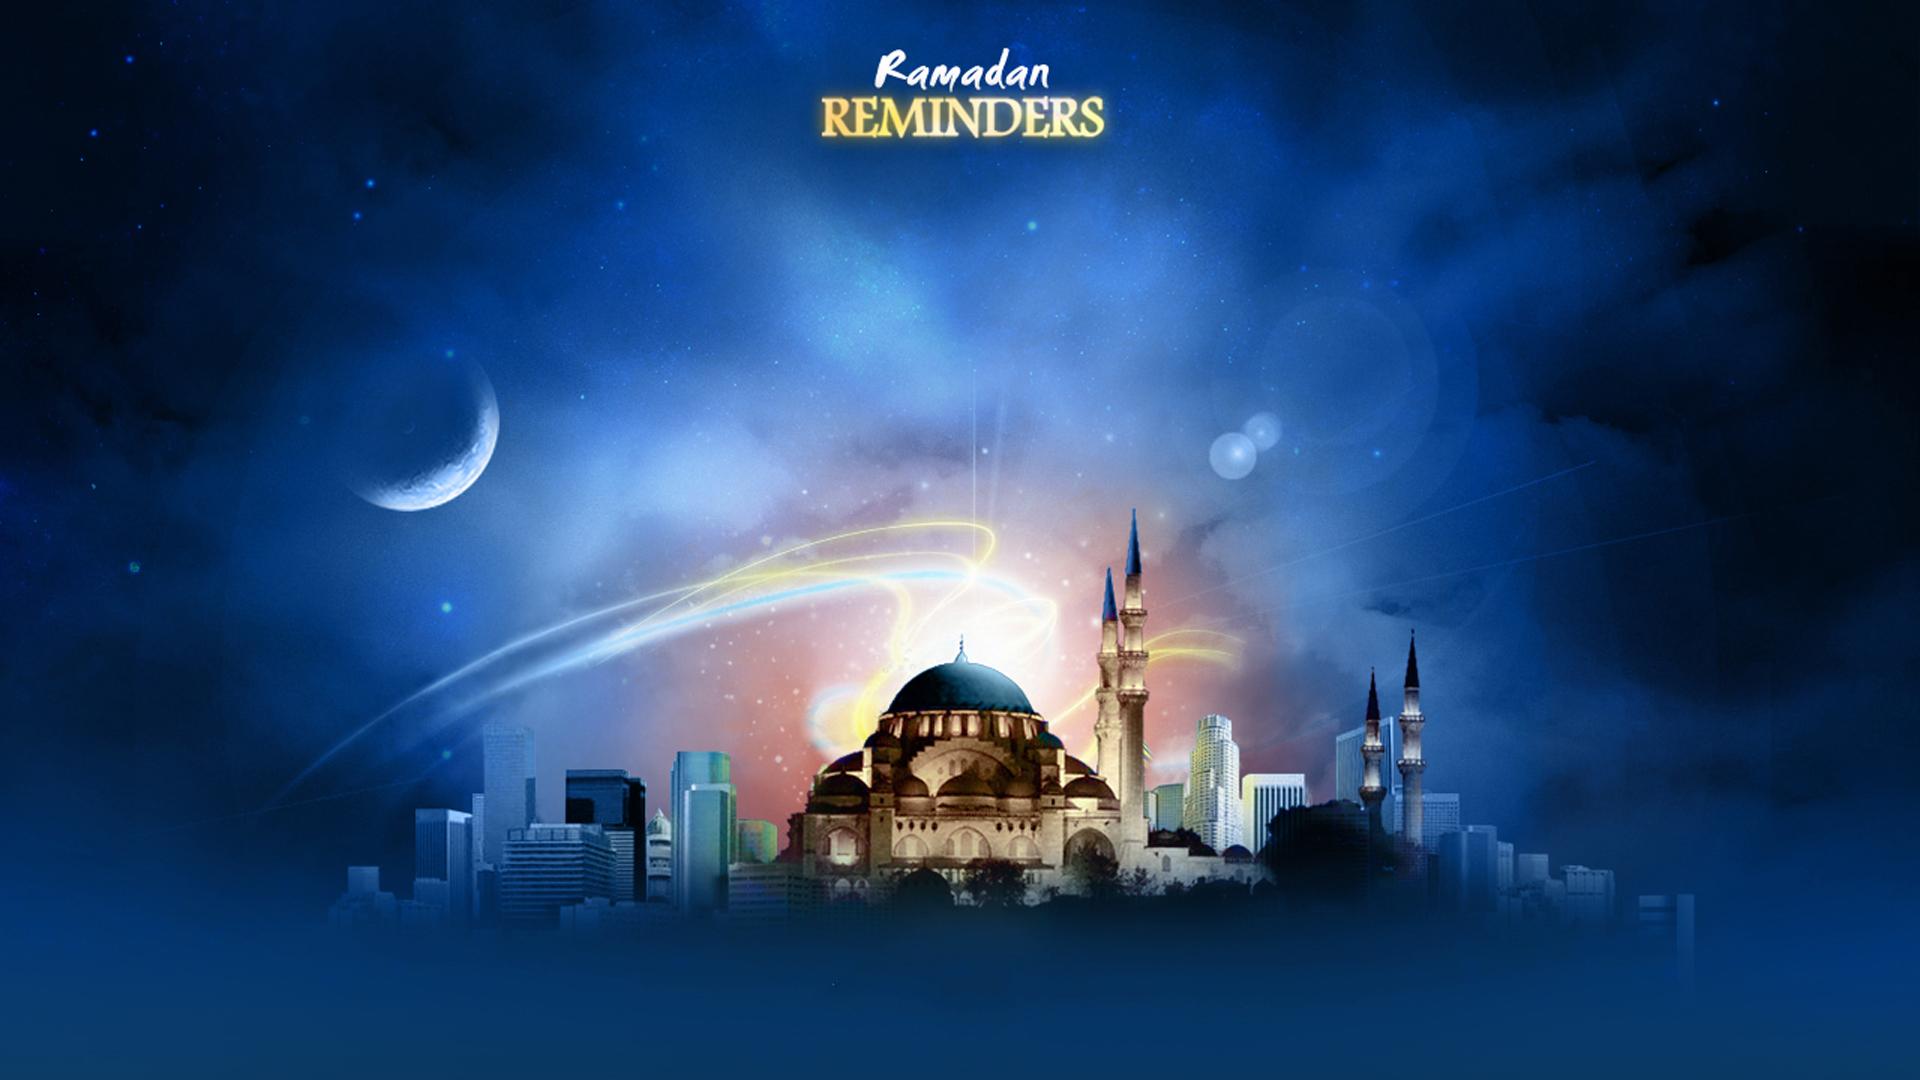 Download Naat Urdu Naats Sharif Sufi Qawwali Islamic